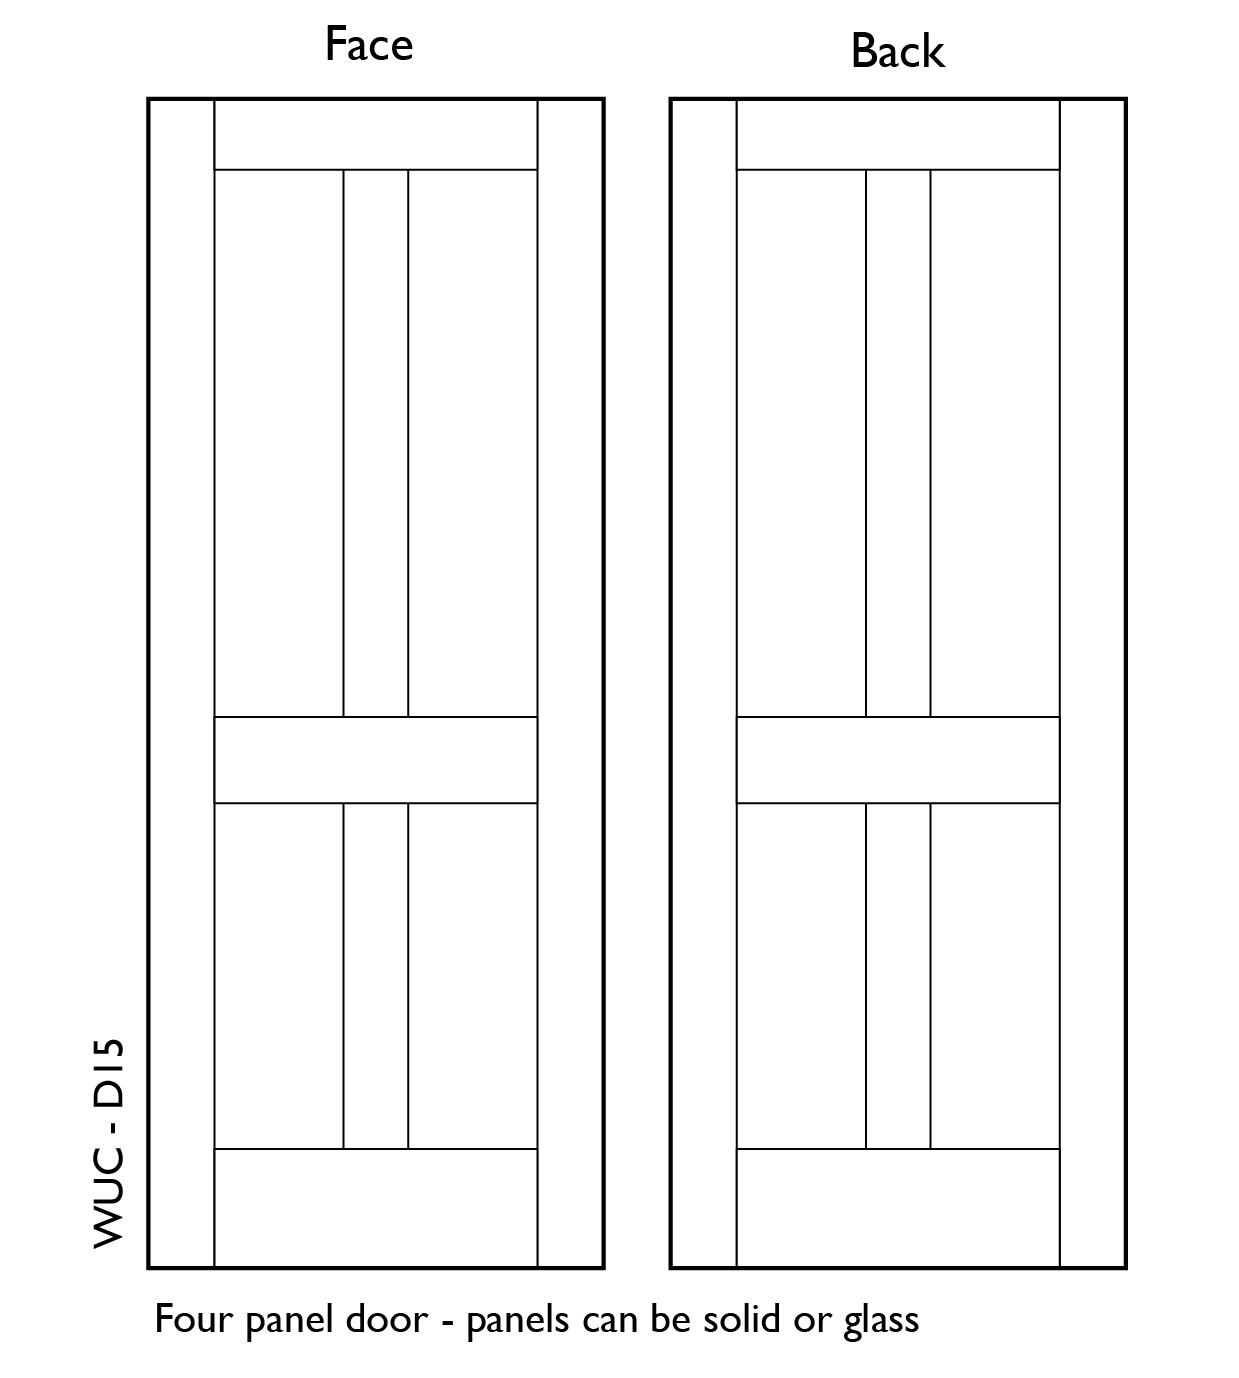 100 solid oak 4 panel doors fire doors fire rated wood door